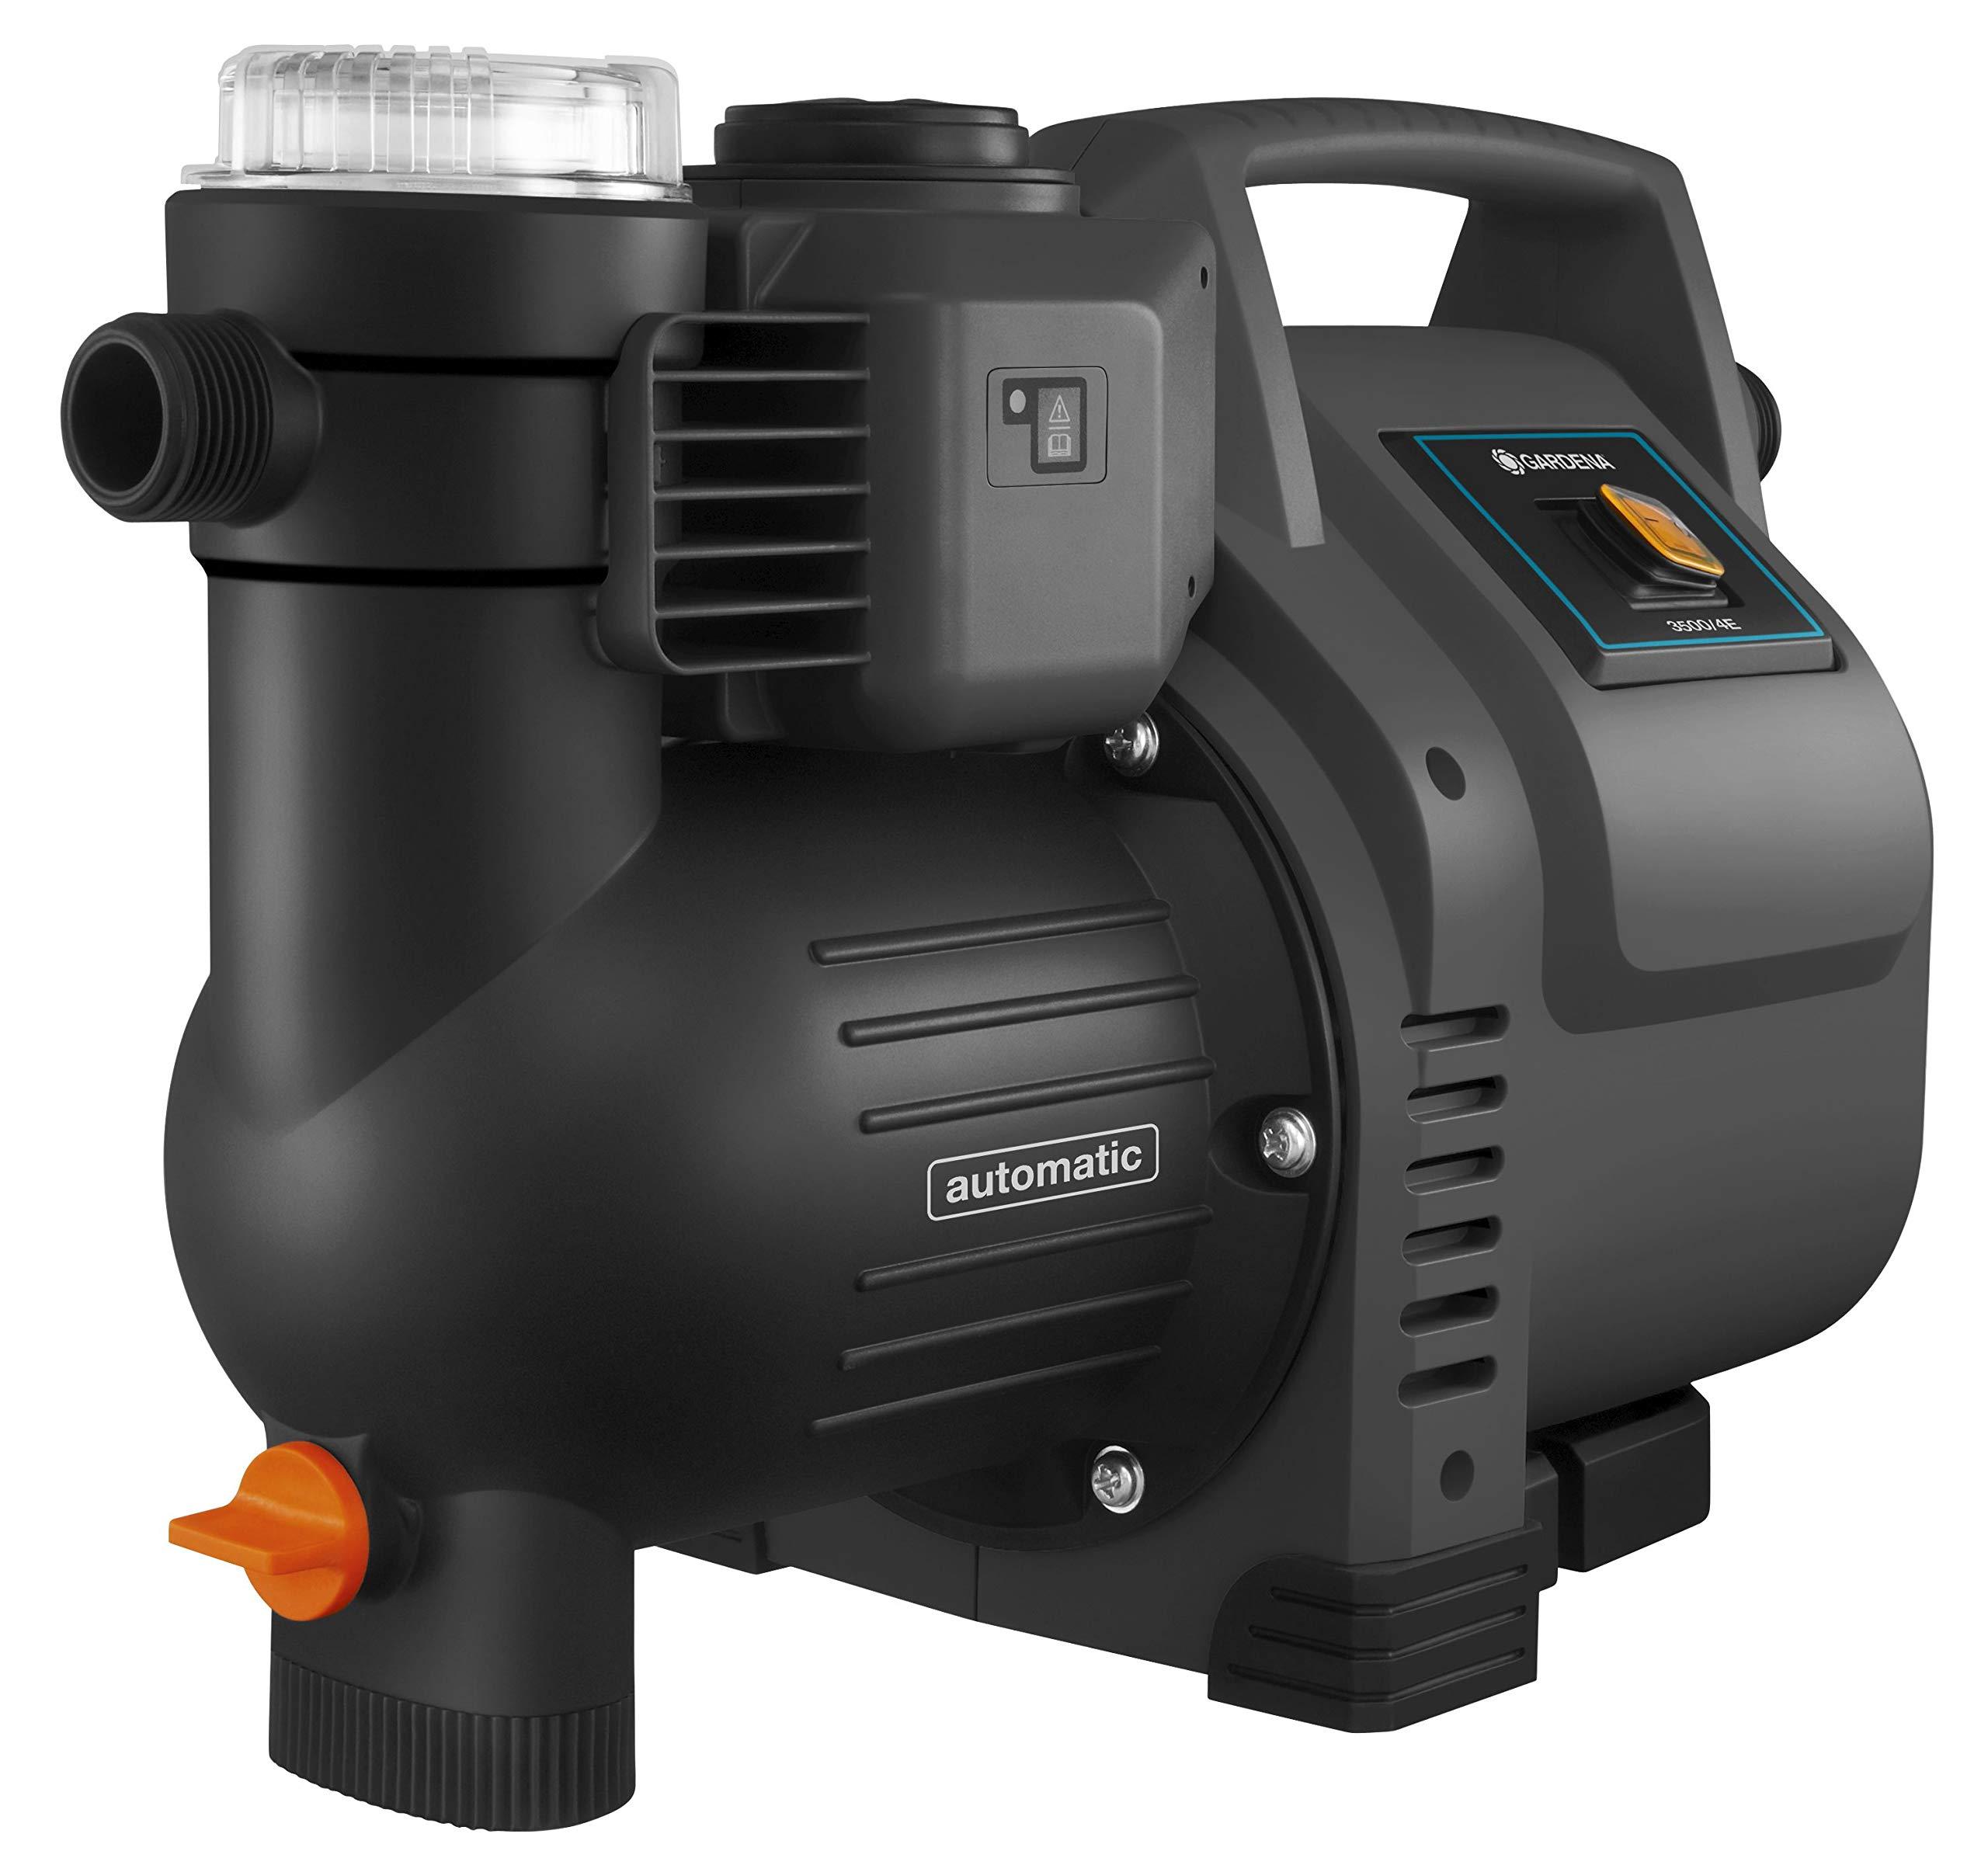 Gardena Hauswasserautomat 3500/4E: Robuste Hauswasserpumpe & Saugschlauch-Anschlussstück 25 mm (1 Zoll): Pumpen…